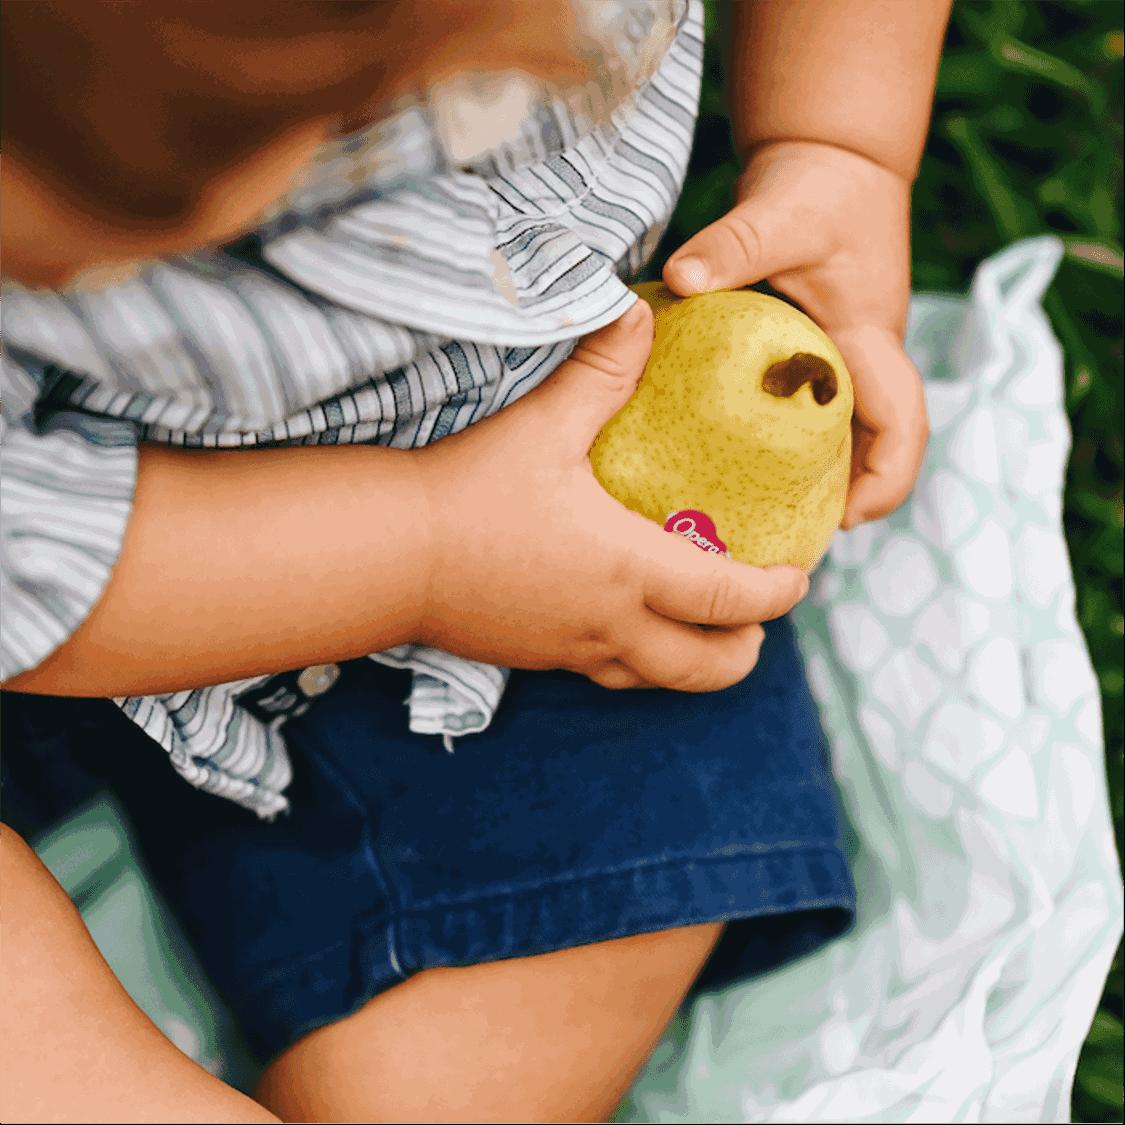 Frutta per neonato: nello svezzamento dai 4 mesi